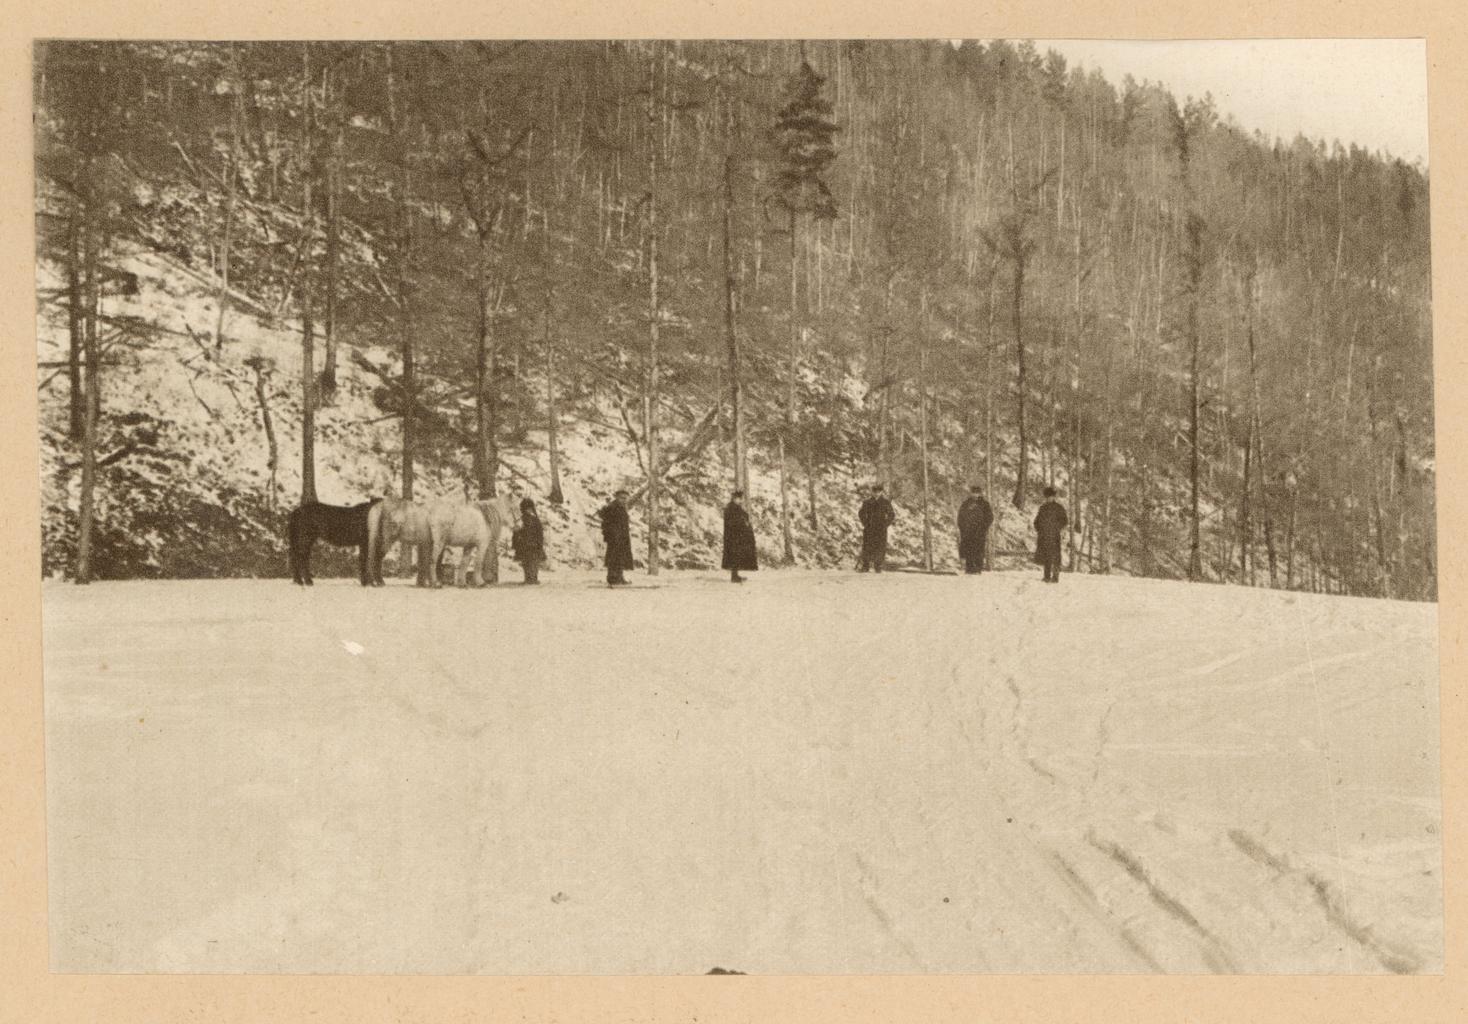 Верста 109. Вершина большой наледи, образовавшейся от ключа зимой 1912-1913 г. вблизи станции Кислый Ключ